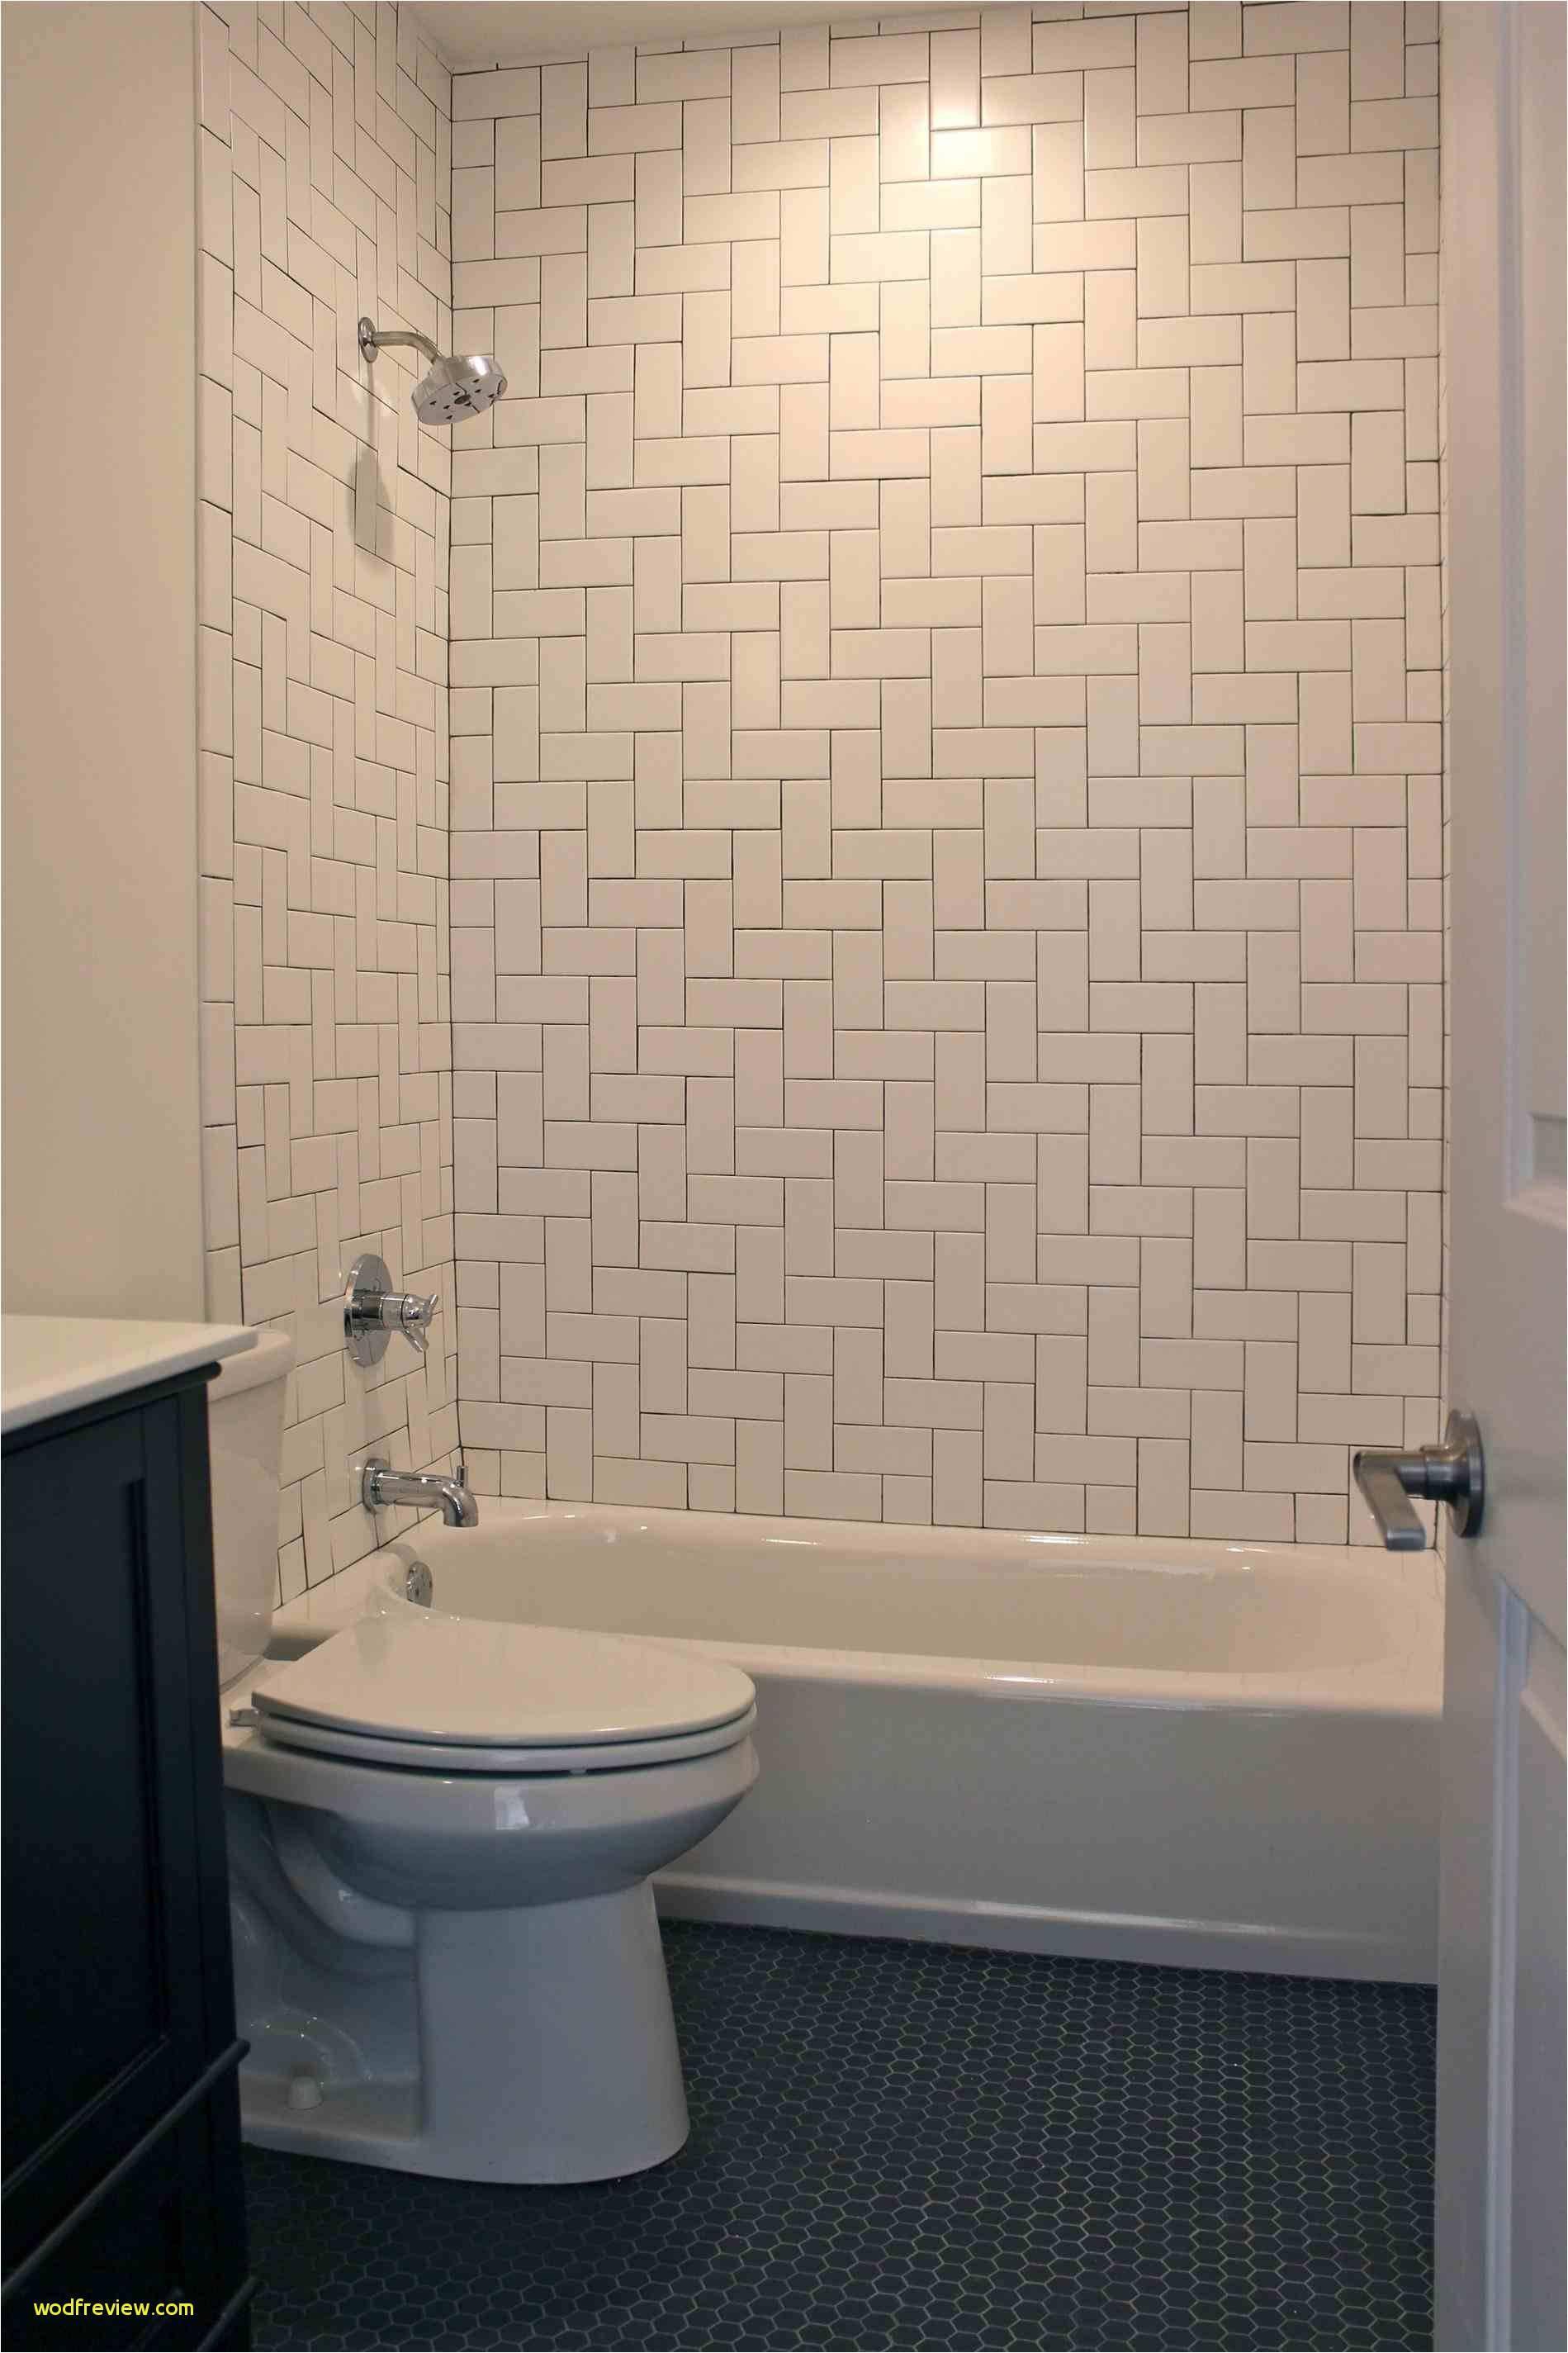 hardwood floor tile in bathroom of new bathroom floor and shower tile ideas amukraine regarding bath and shower shower and luxury tub shower tile ideas inspirational bathroom elegant ideas 0